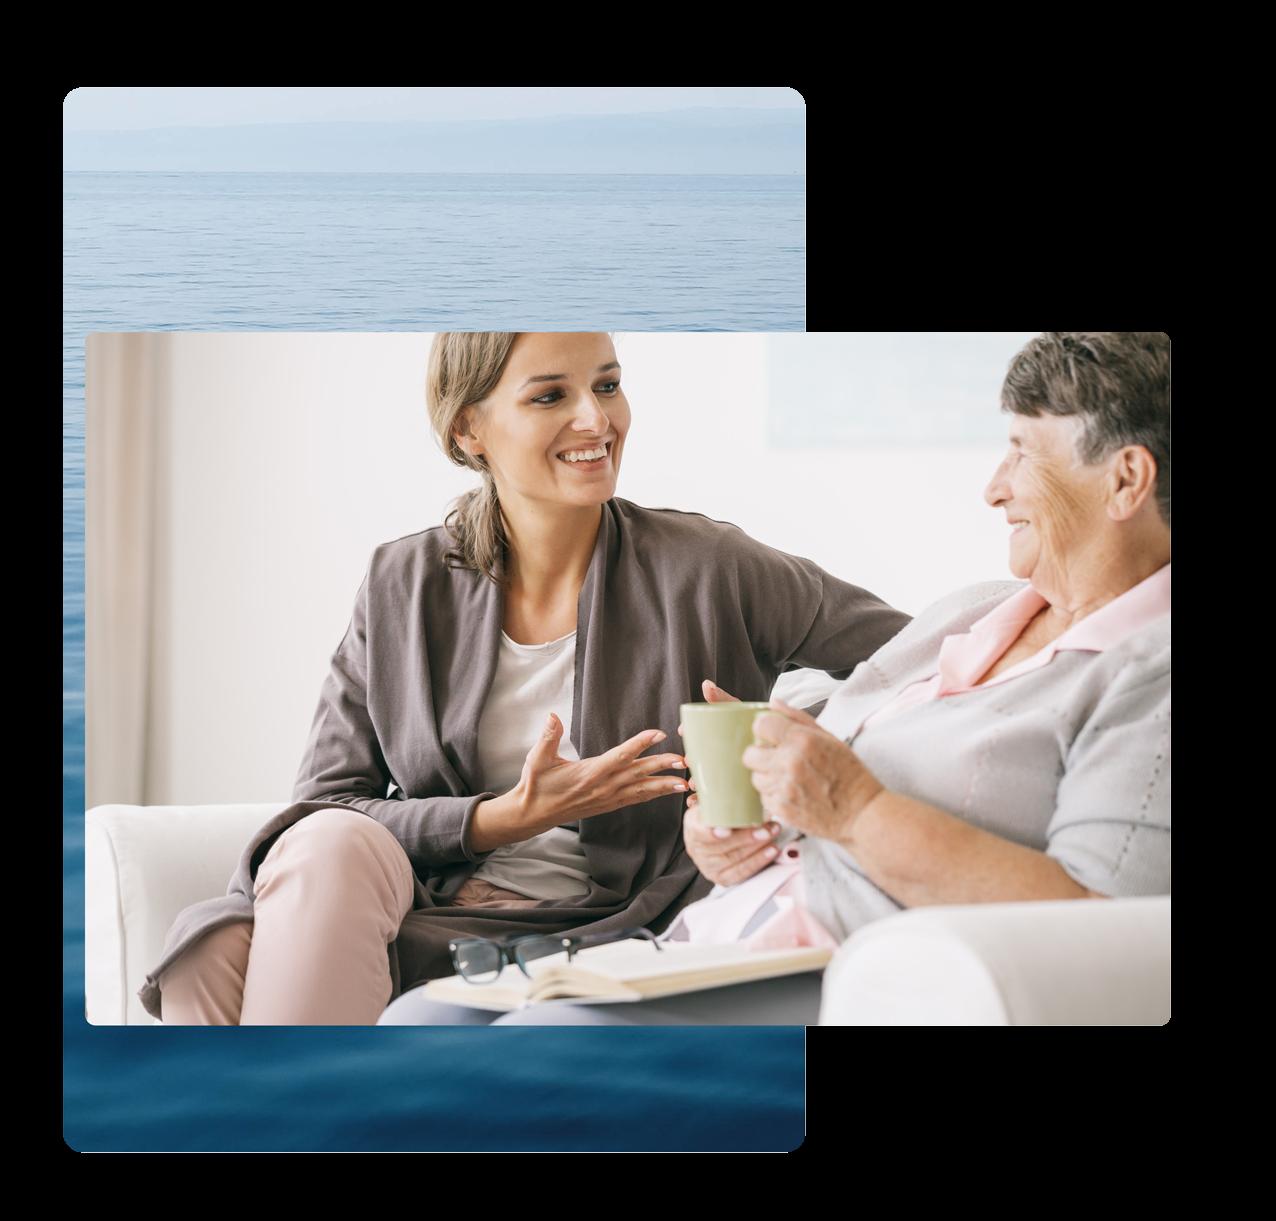 Terminal illness caregivers